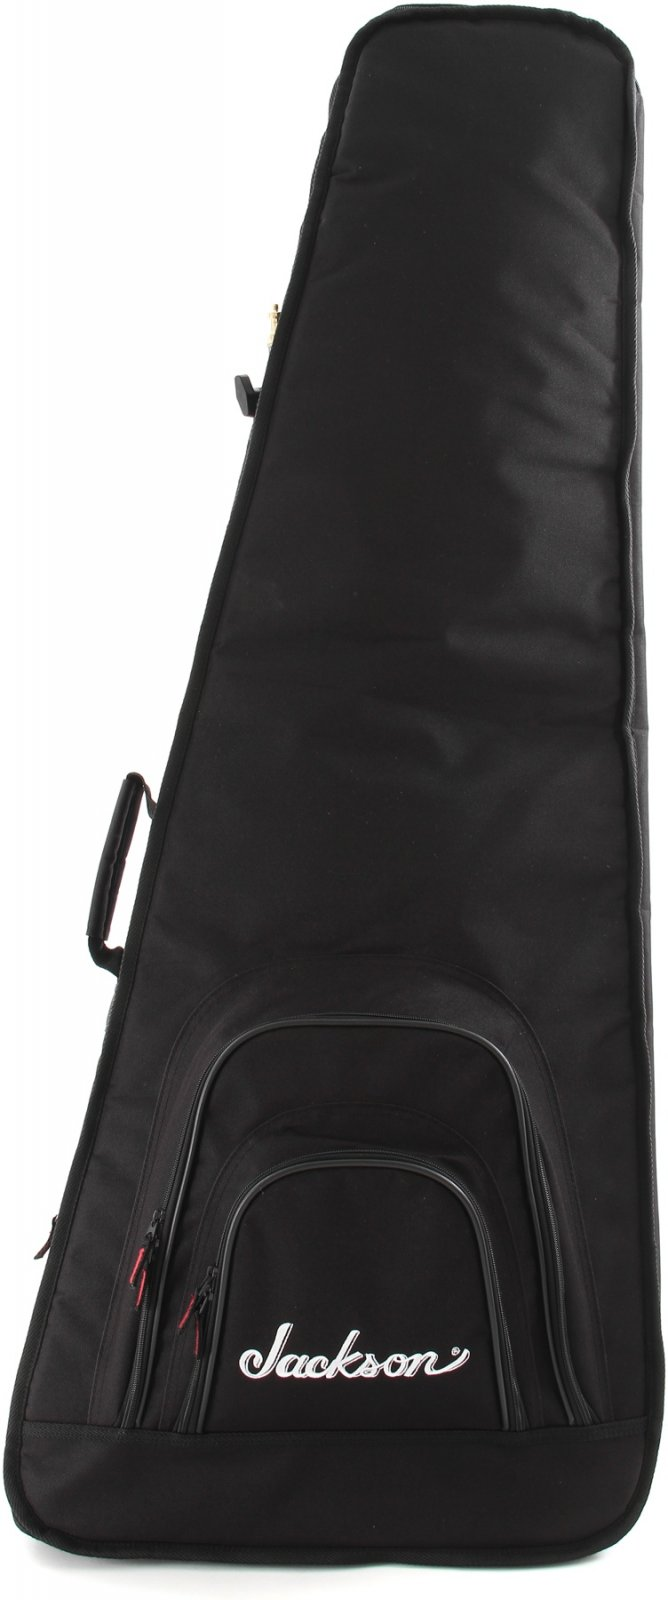 Jackson Electric Guitar Gig Bag